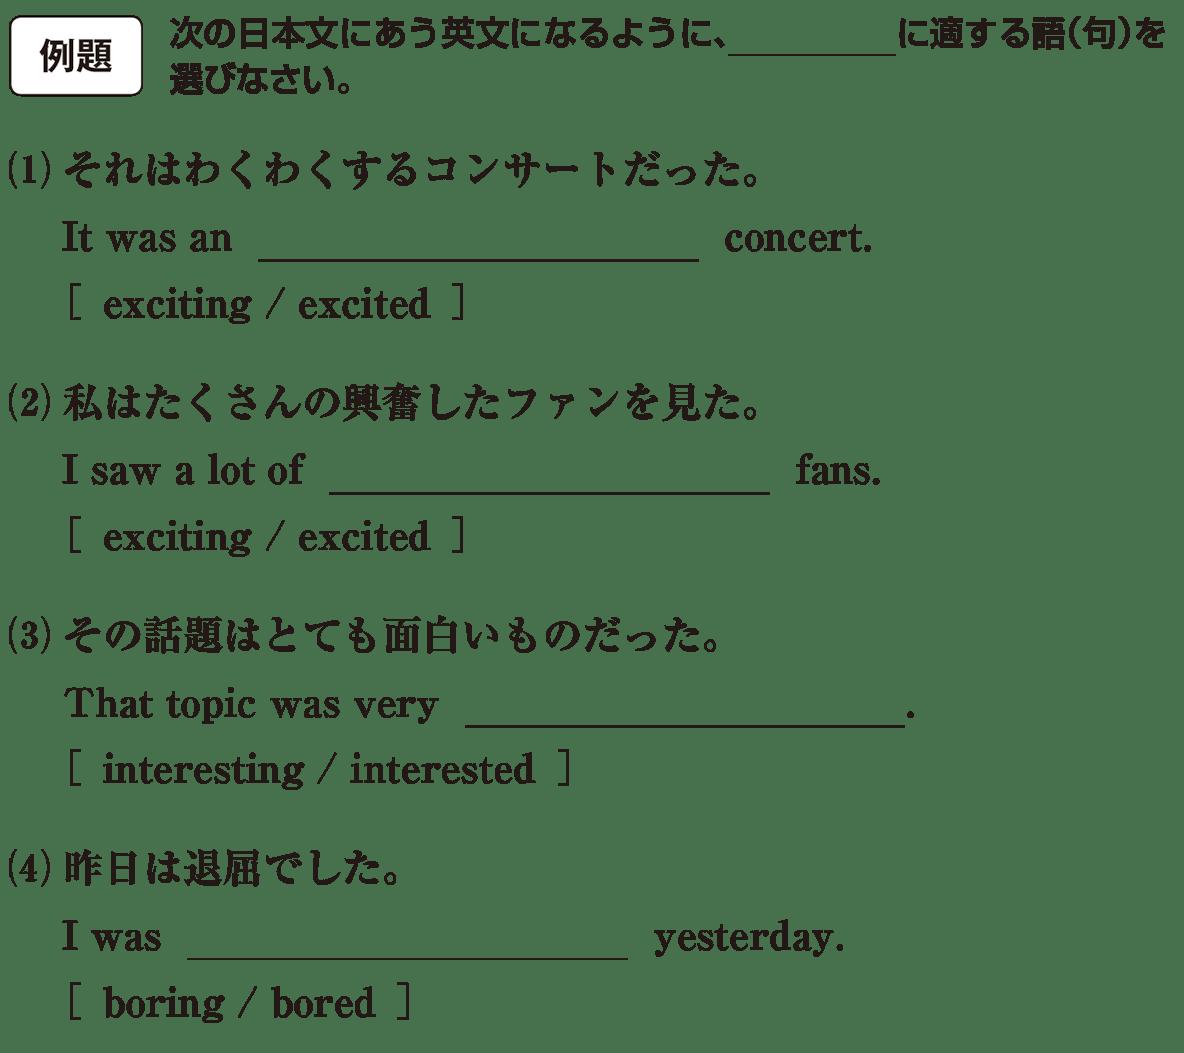 高校英語文法 形容詞・副詞9・10の例題(1)(2)(3)(4) アイコンあり